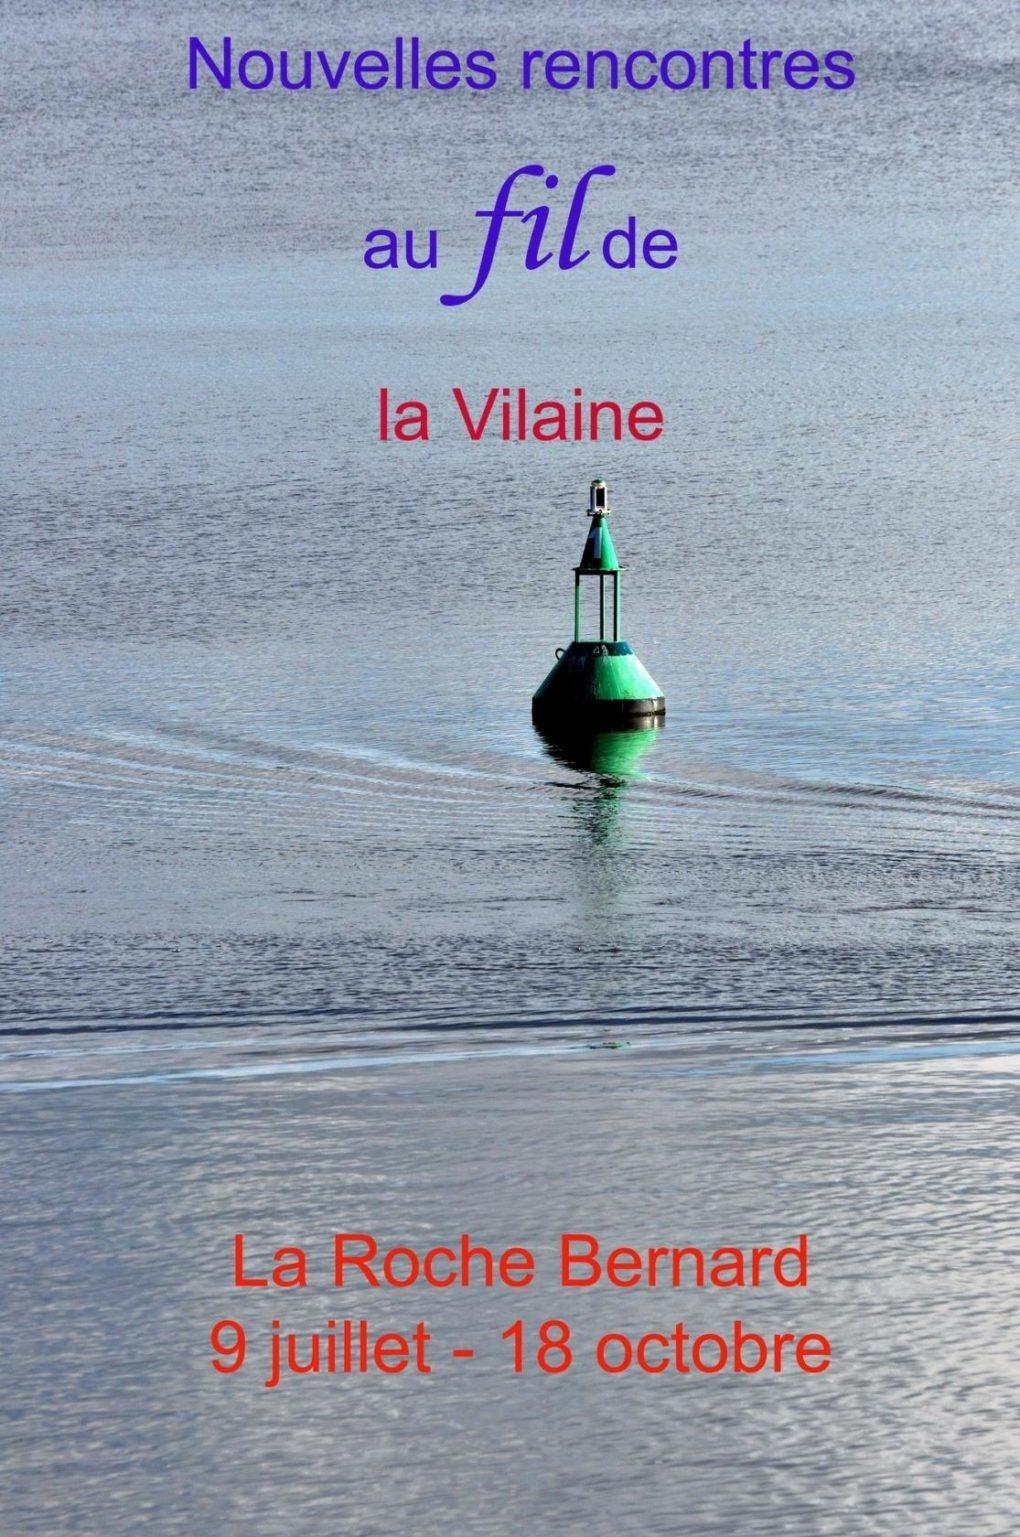 Nouvelles rencontres au fil de la Vilaine exposition photo La Roche-Bernard